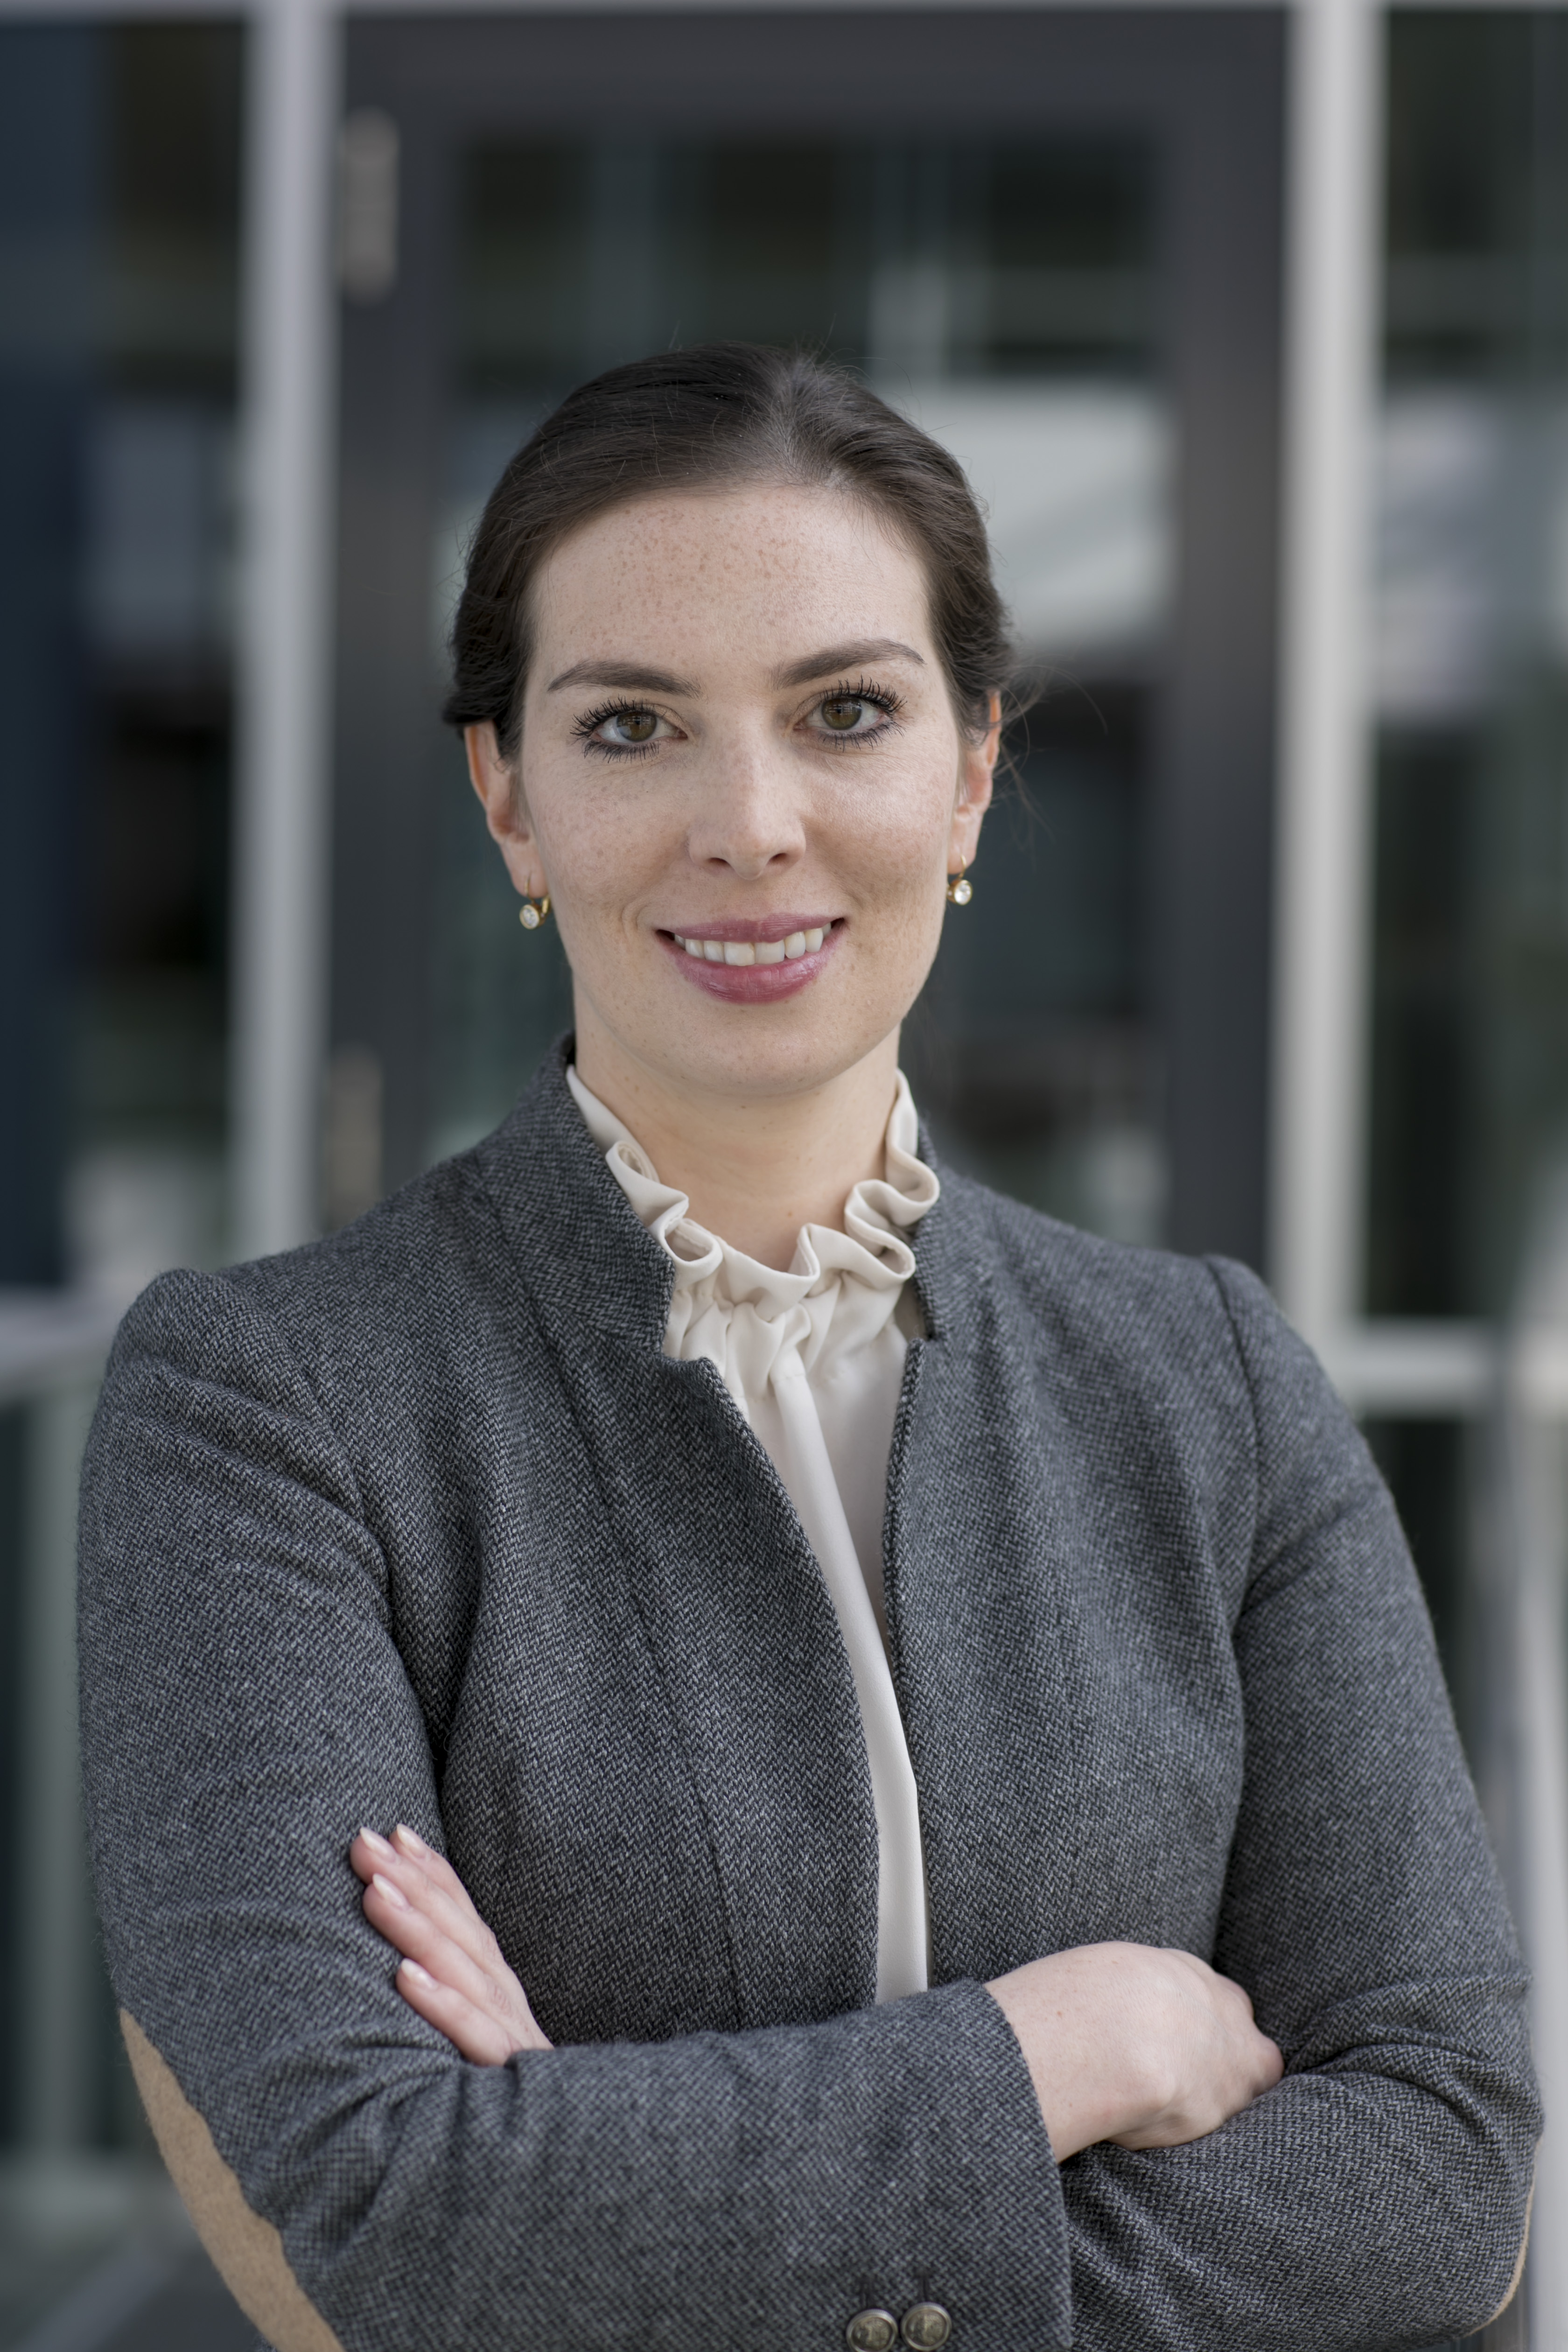 Eva Bauerschmidt